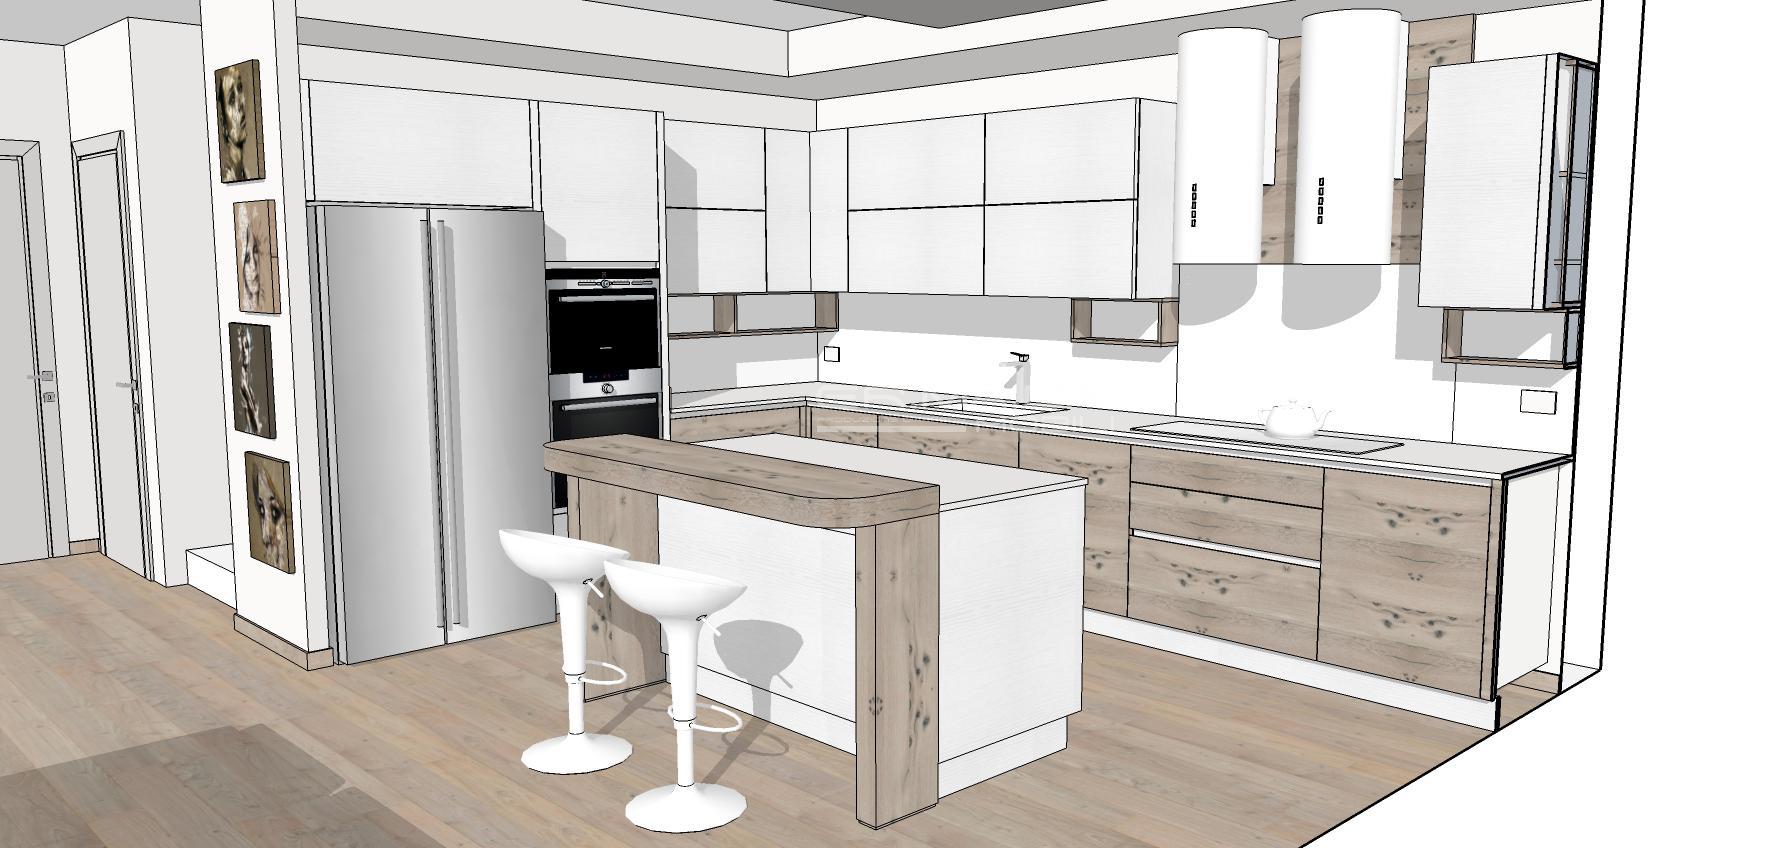 Cucina 16 er ma da mobilificio progetta e for Progetta i tuoi mobili online